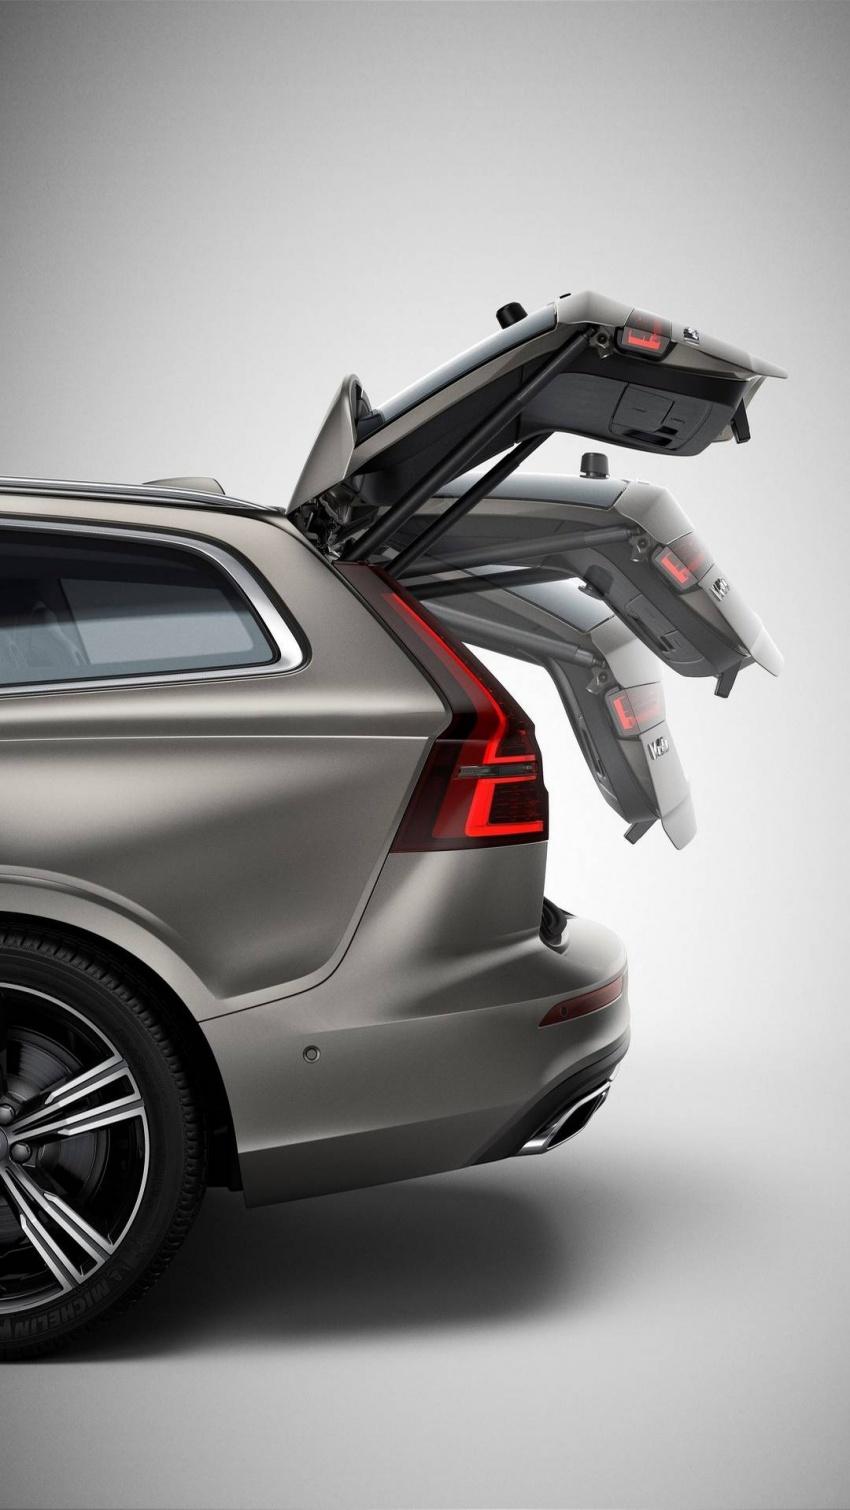 Volvo V60 generasi baharu didedahkan secara rasmi – turut tampil pilihan hibrid <em>plug-in</em> T6 Twin Engine Image #781498